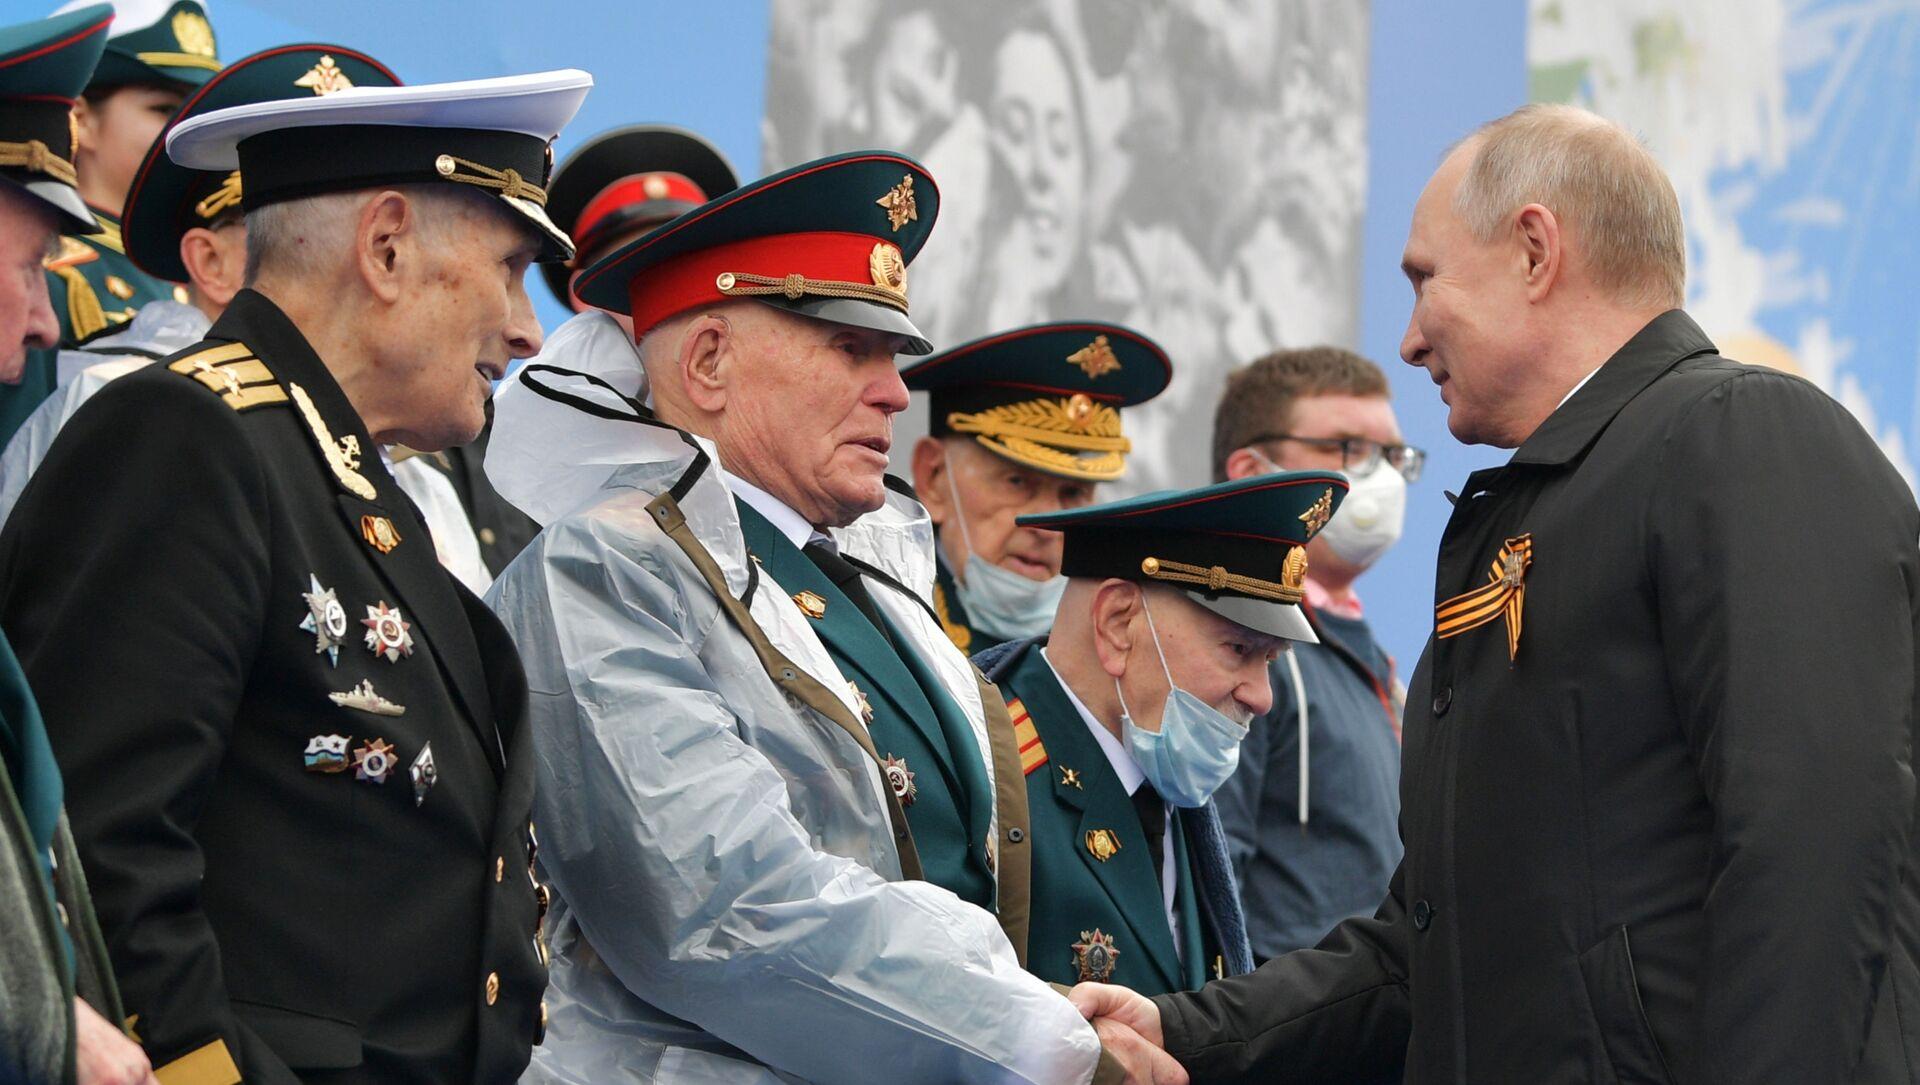 Tổng thống Nga Vladimir Putin và các cựu chiến binh trước khi bắt đầu cuộc diễu binh kỷ niệm 76 năm Chiến thắng trong Chiến tranh Vệ quốc vĩ đại 1941-1945 trên Quảng trường Đỏ ở Moskva - Sputnik Việt Nam, 1920, 12.05.2021